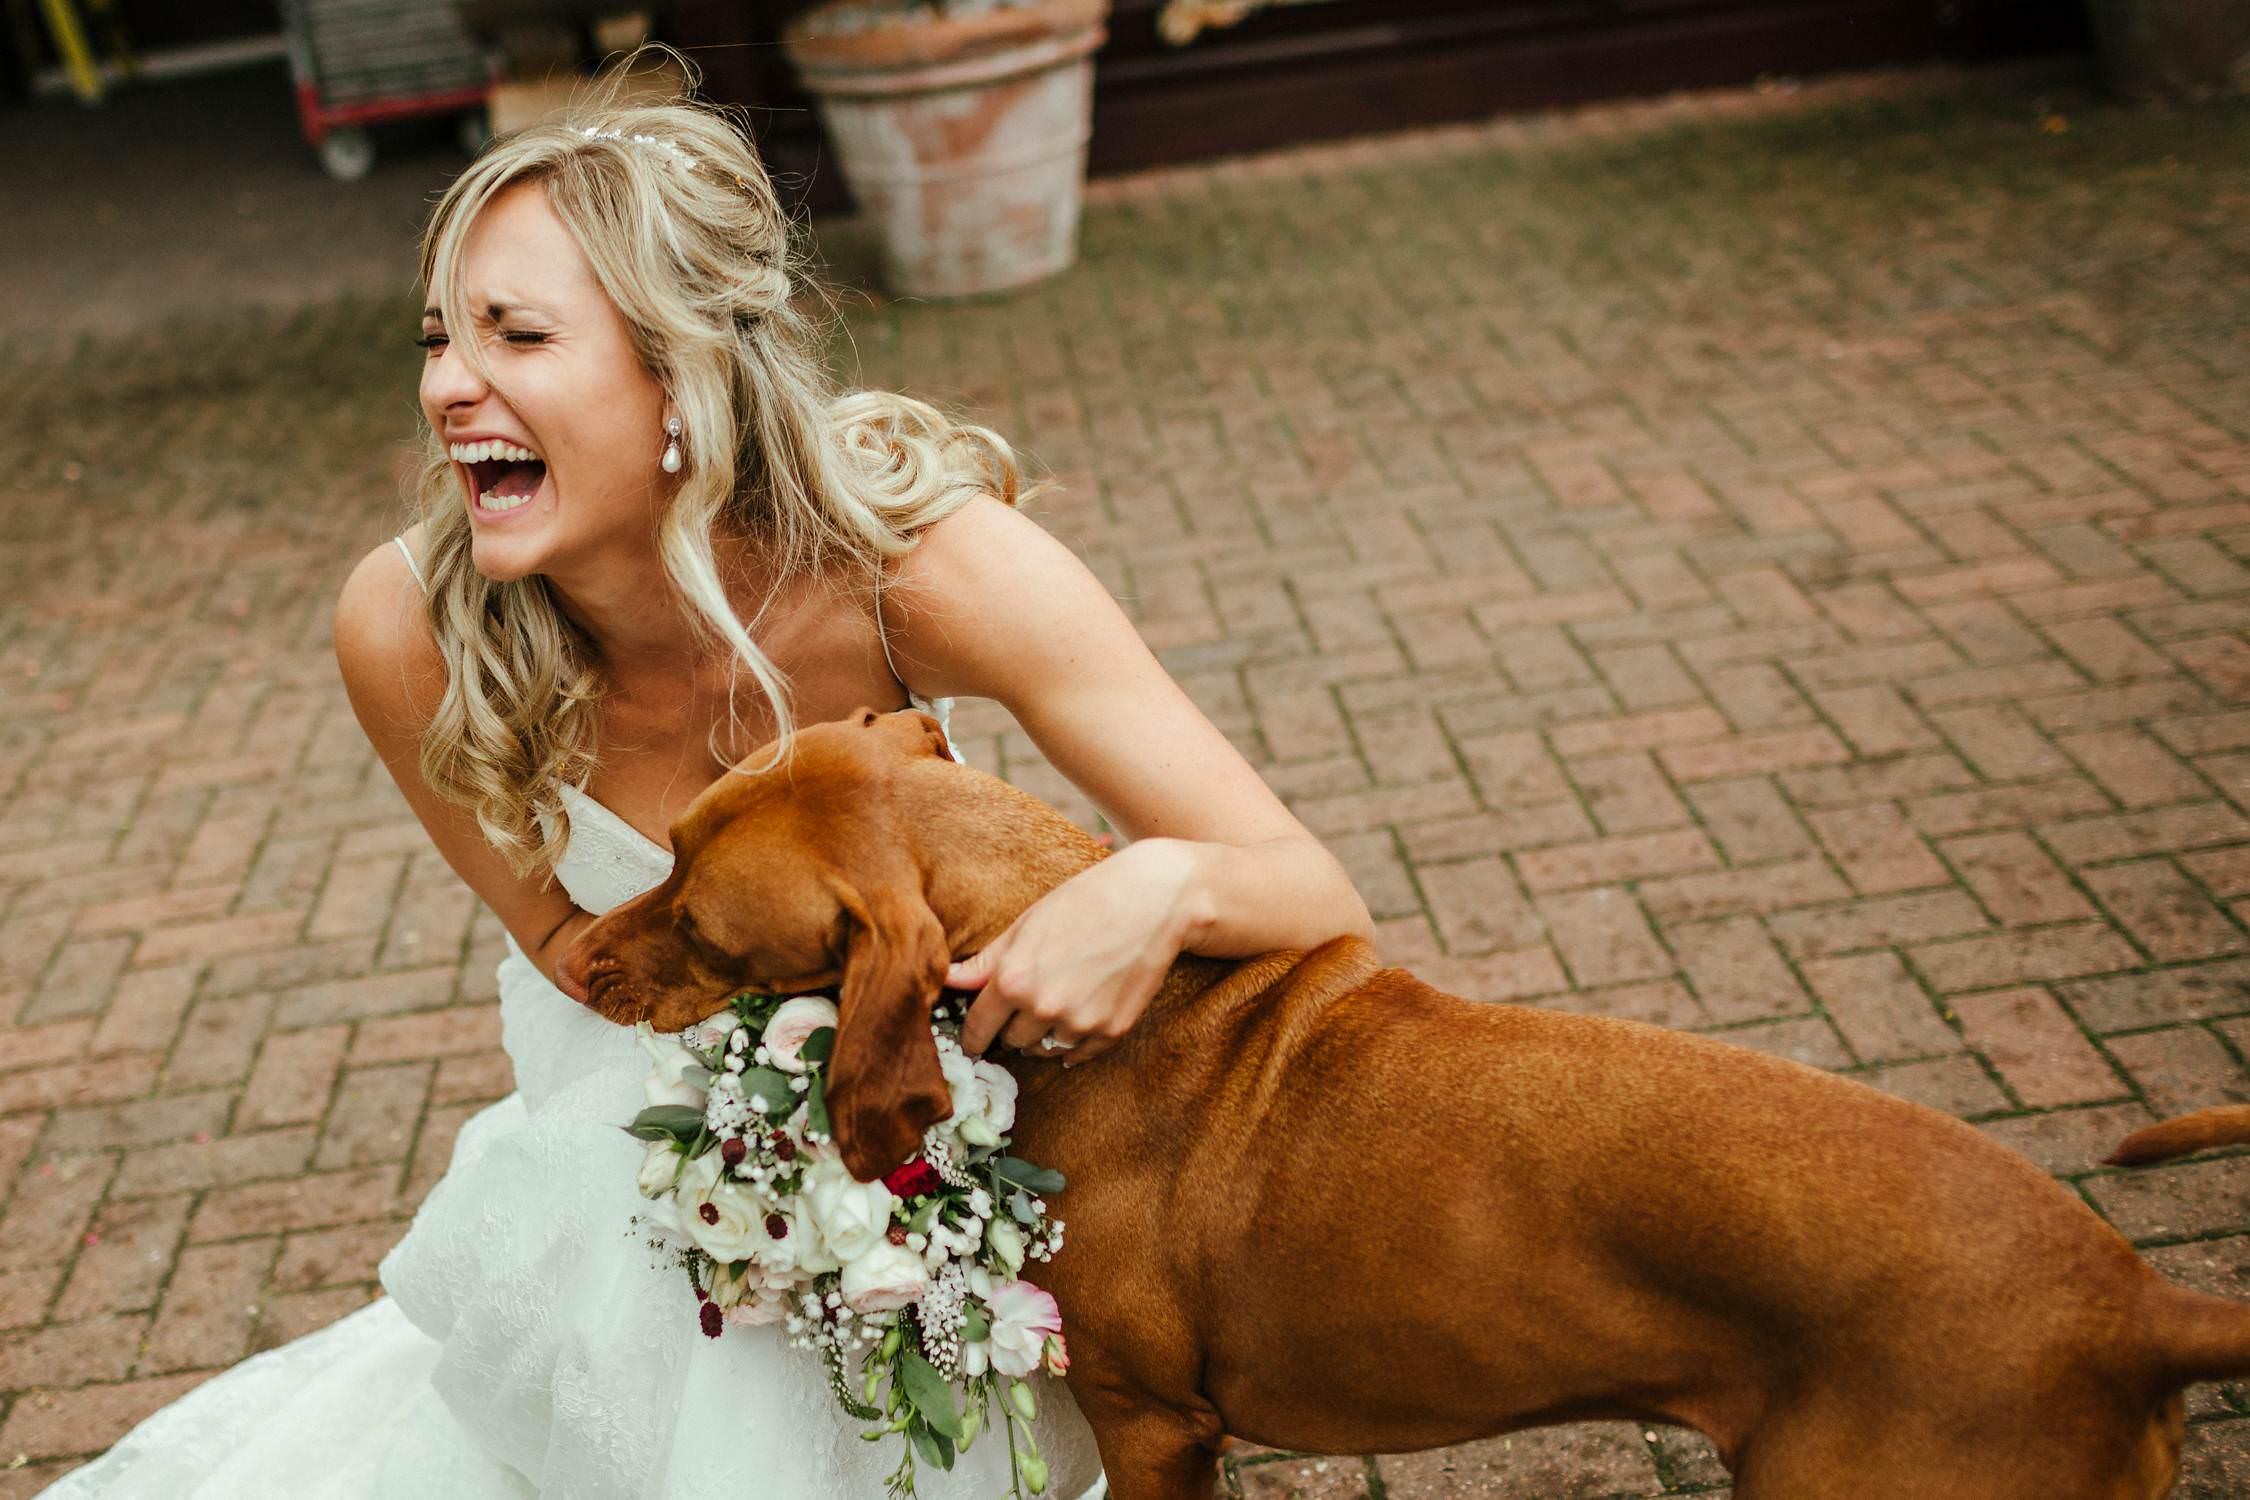 Buckinghamshire-Wedding-Photography-48